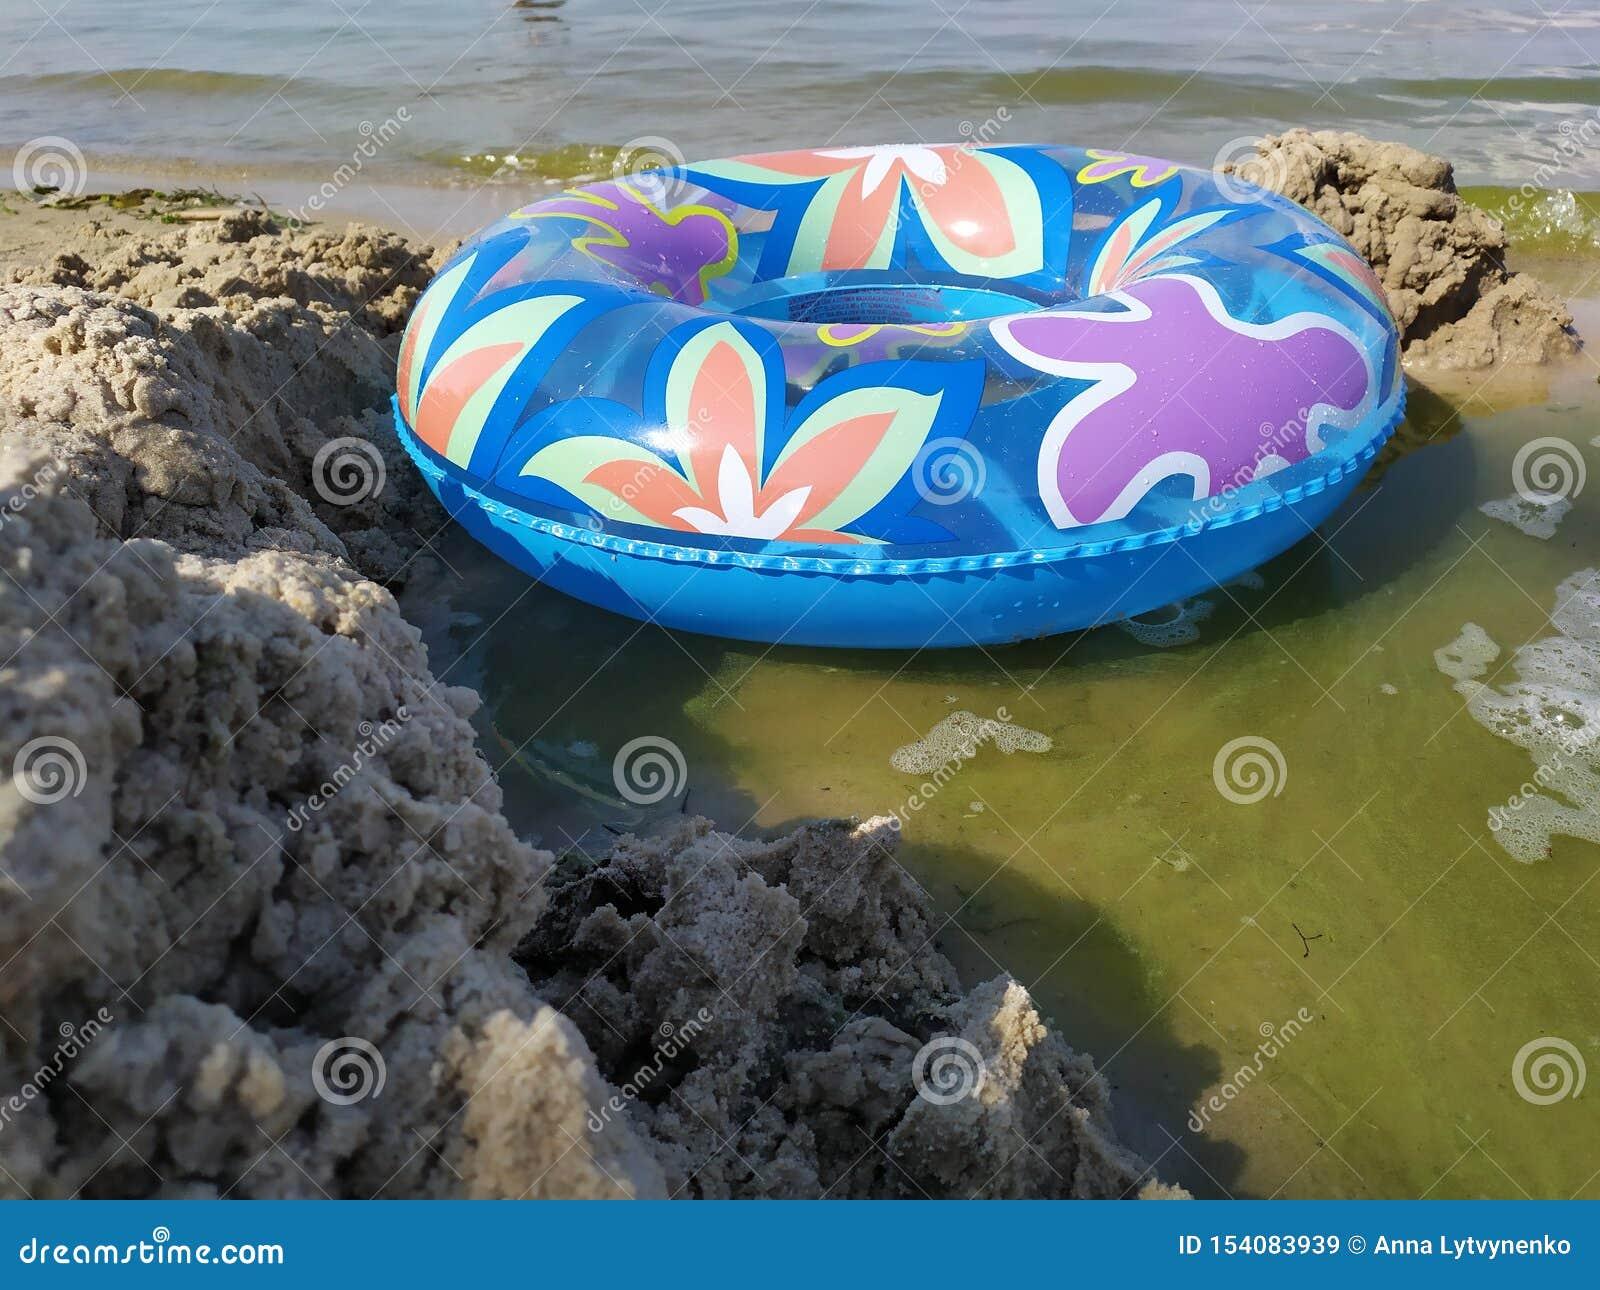 En sväva cirkel för barn ligger på den sandiga flodstranden nära vattnet